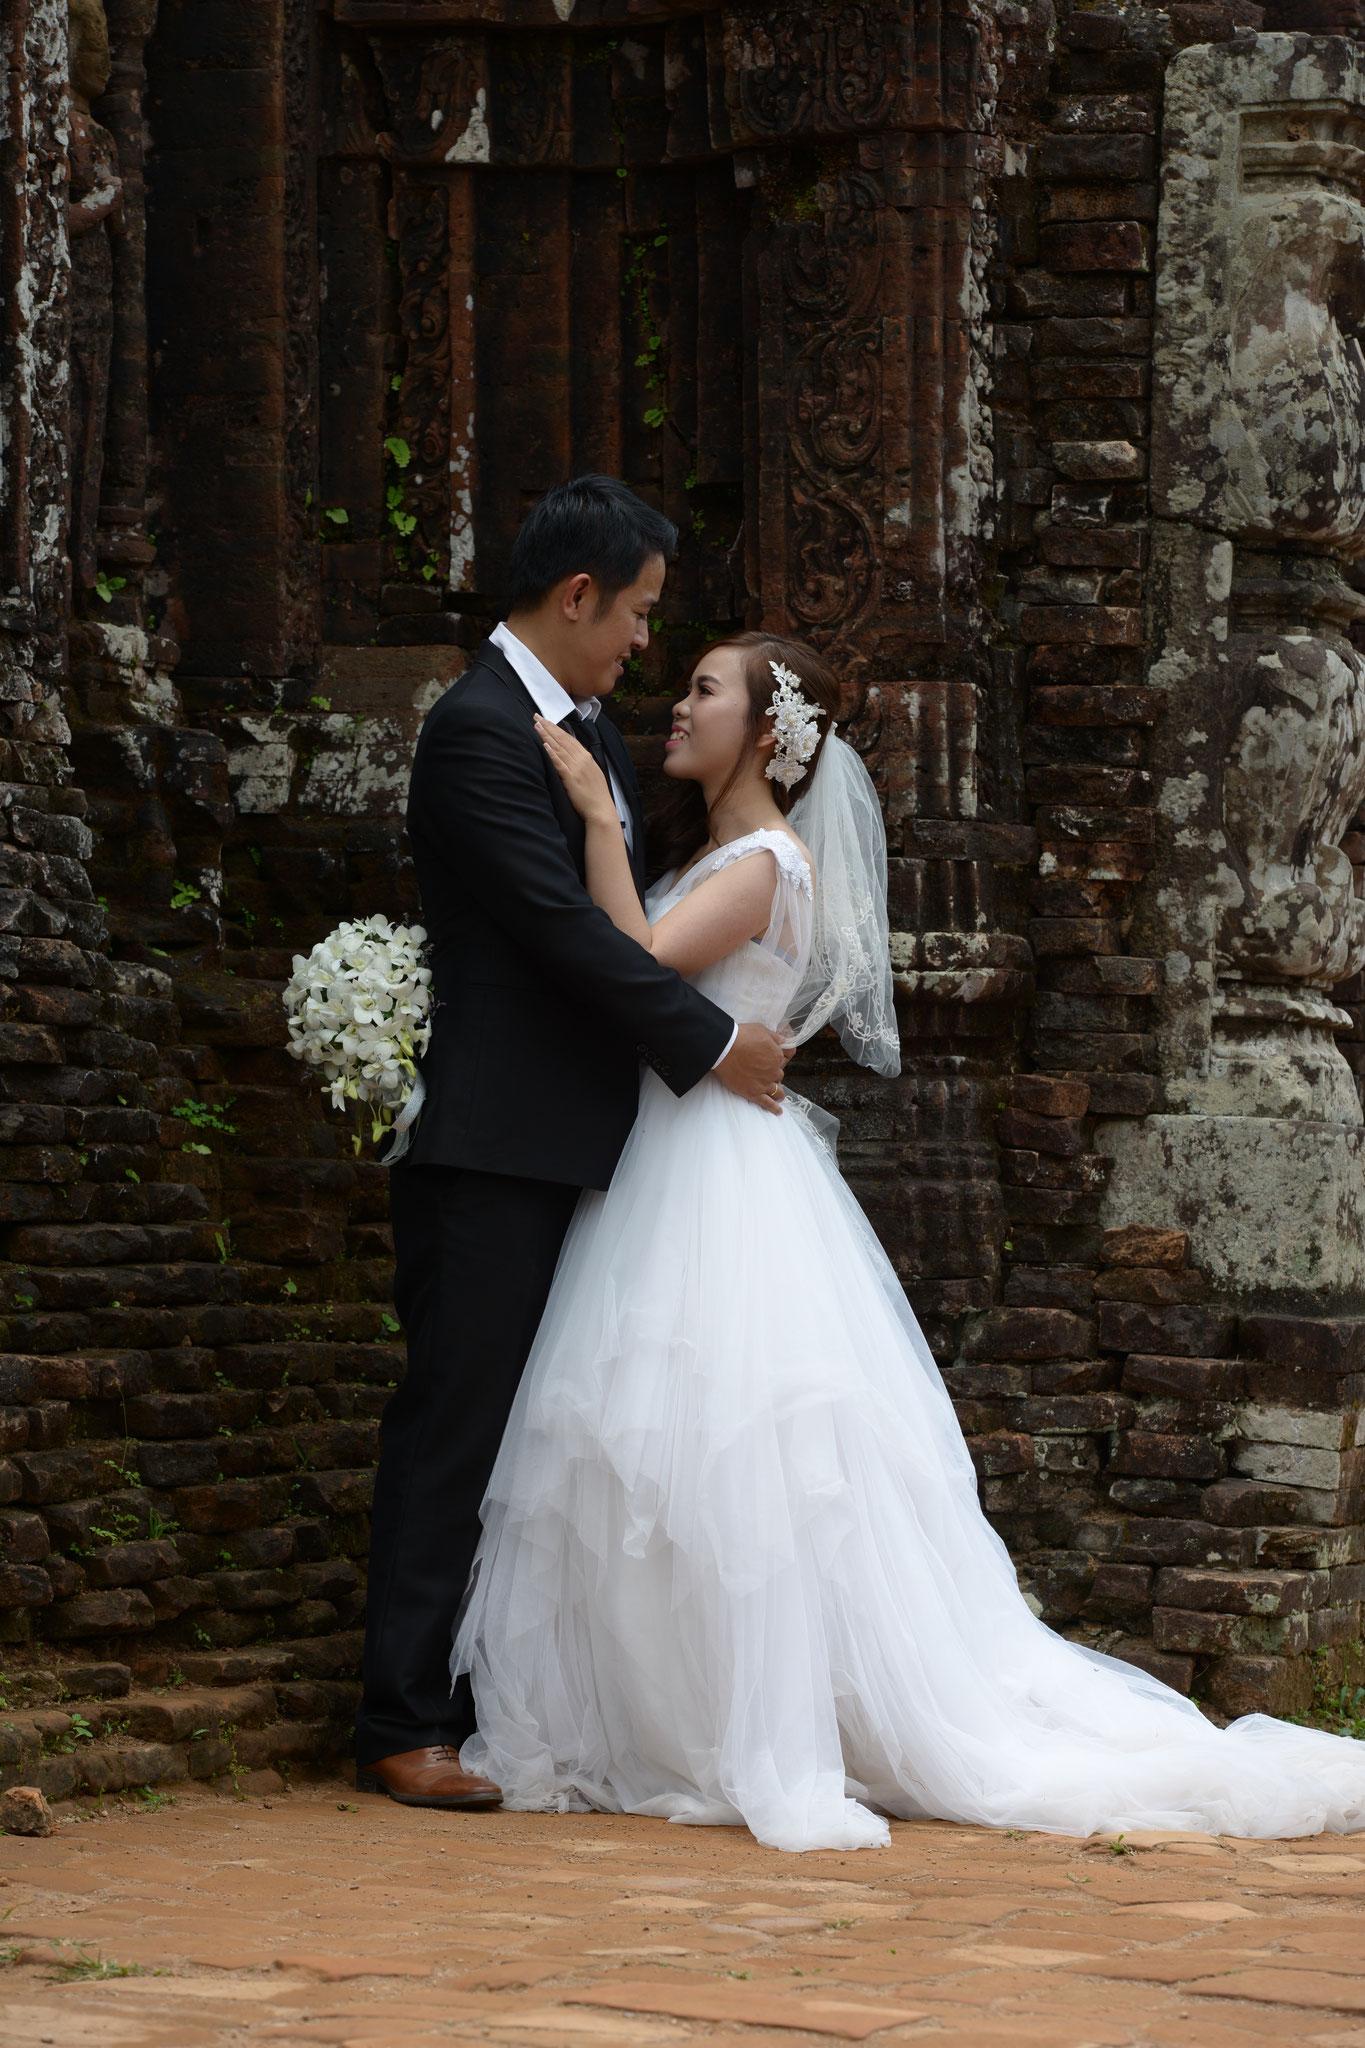 Immer wieder in Kultstätten für Hochzeitsbilder anzutreffen